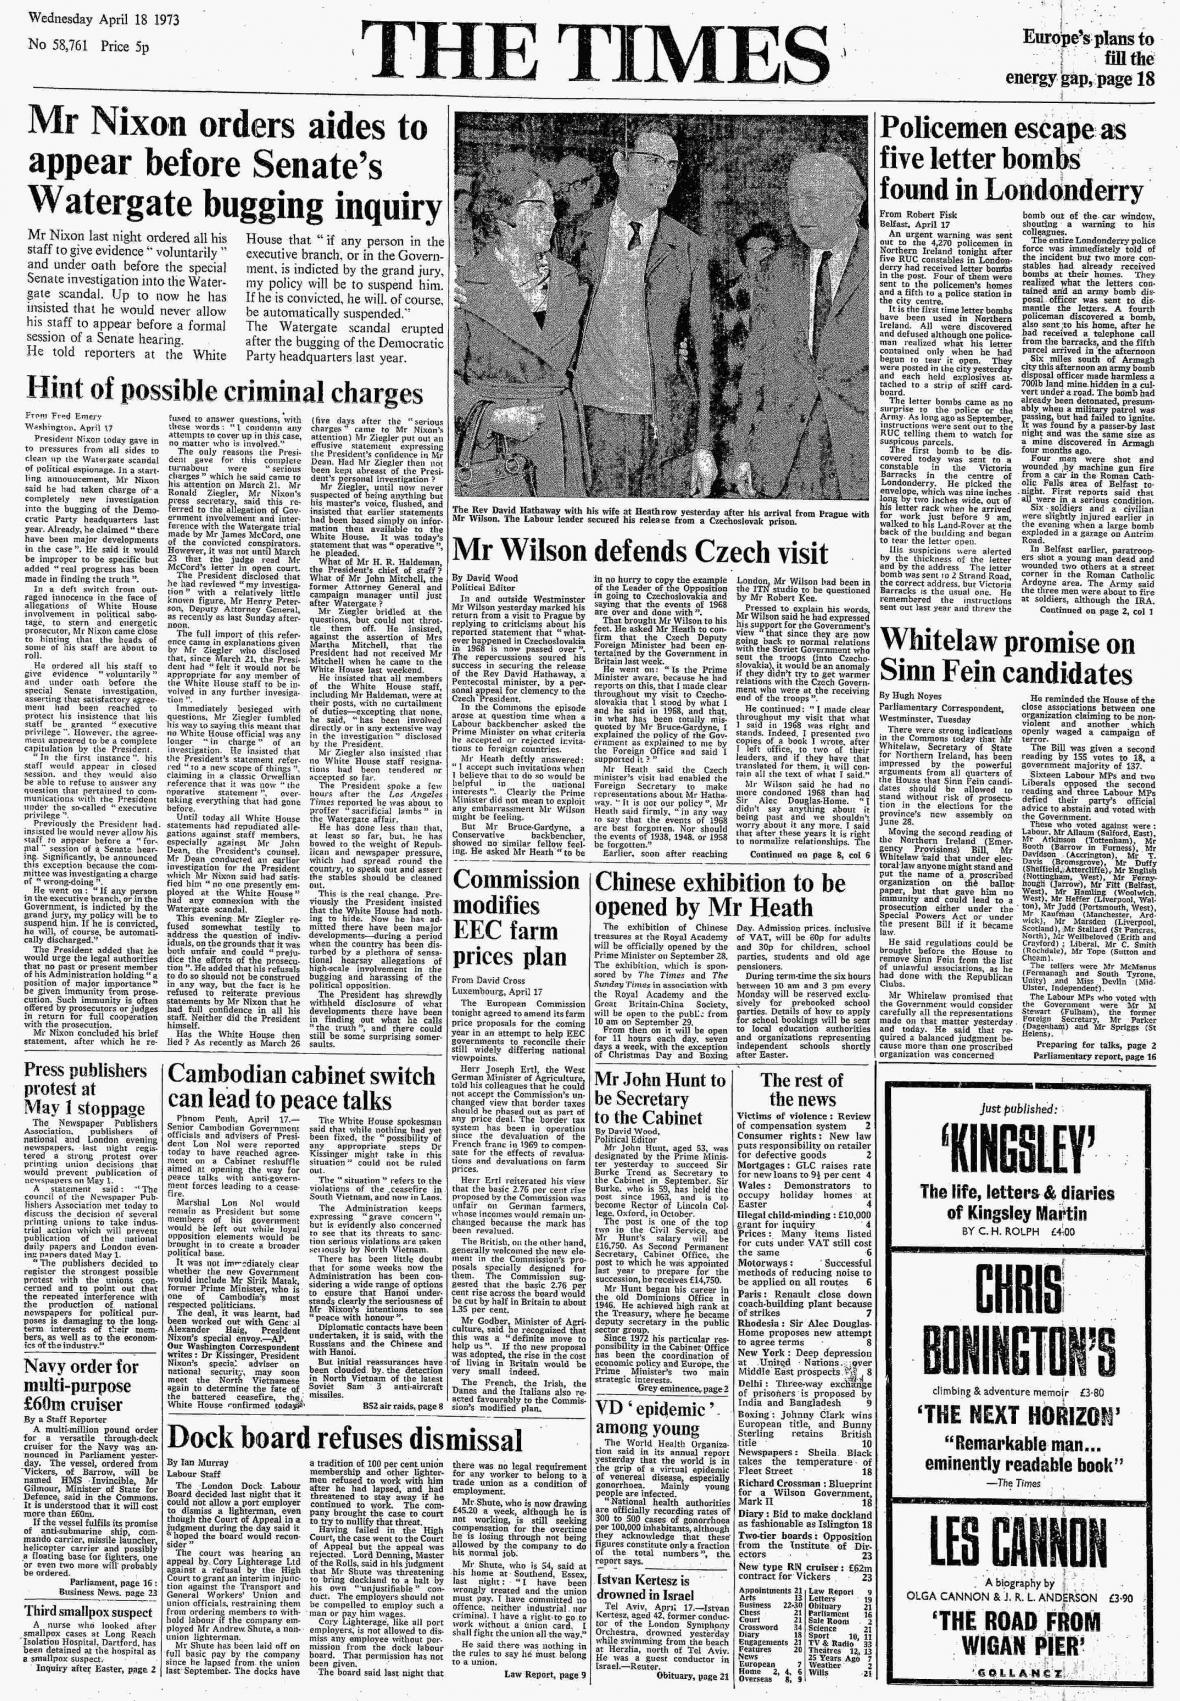 Článek v britských The Times z 18. dubna 1973